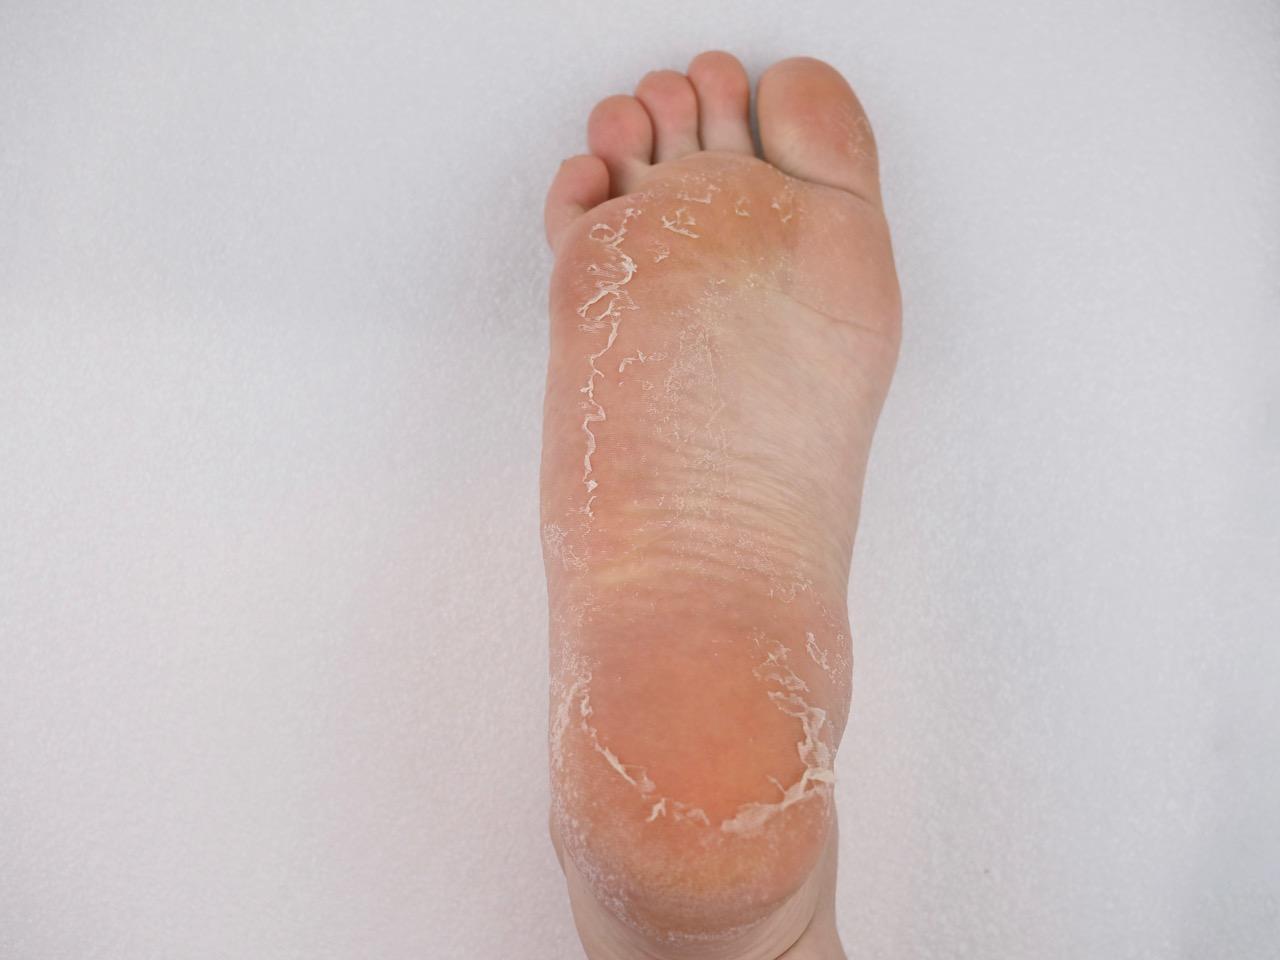 Holika Holika Baby Silky Foot One Shot Peeling kuorintasukat kokemuksia Ostolakossa Virve Vee